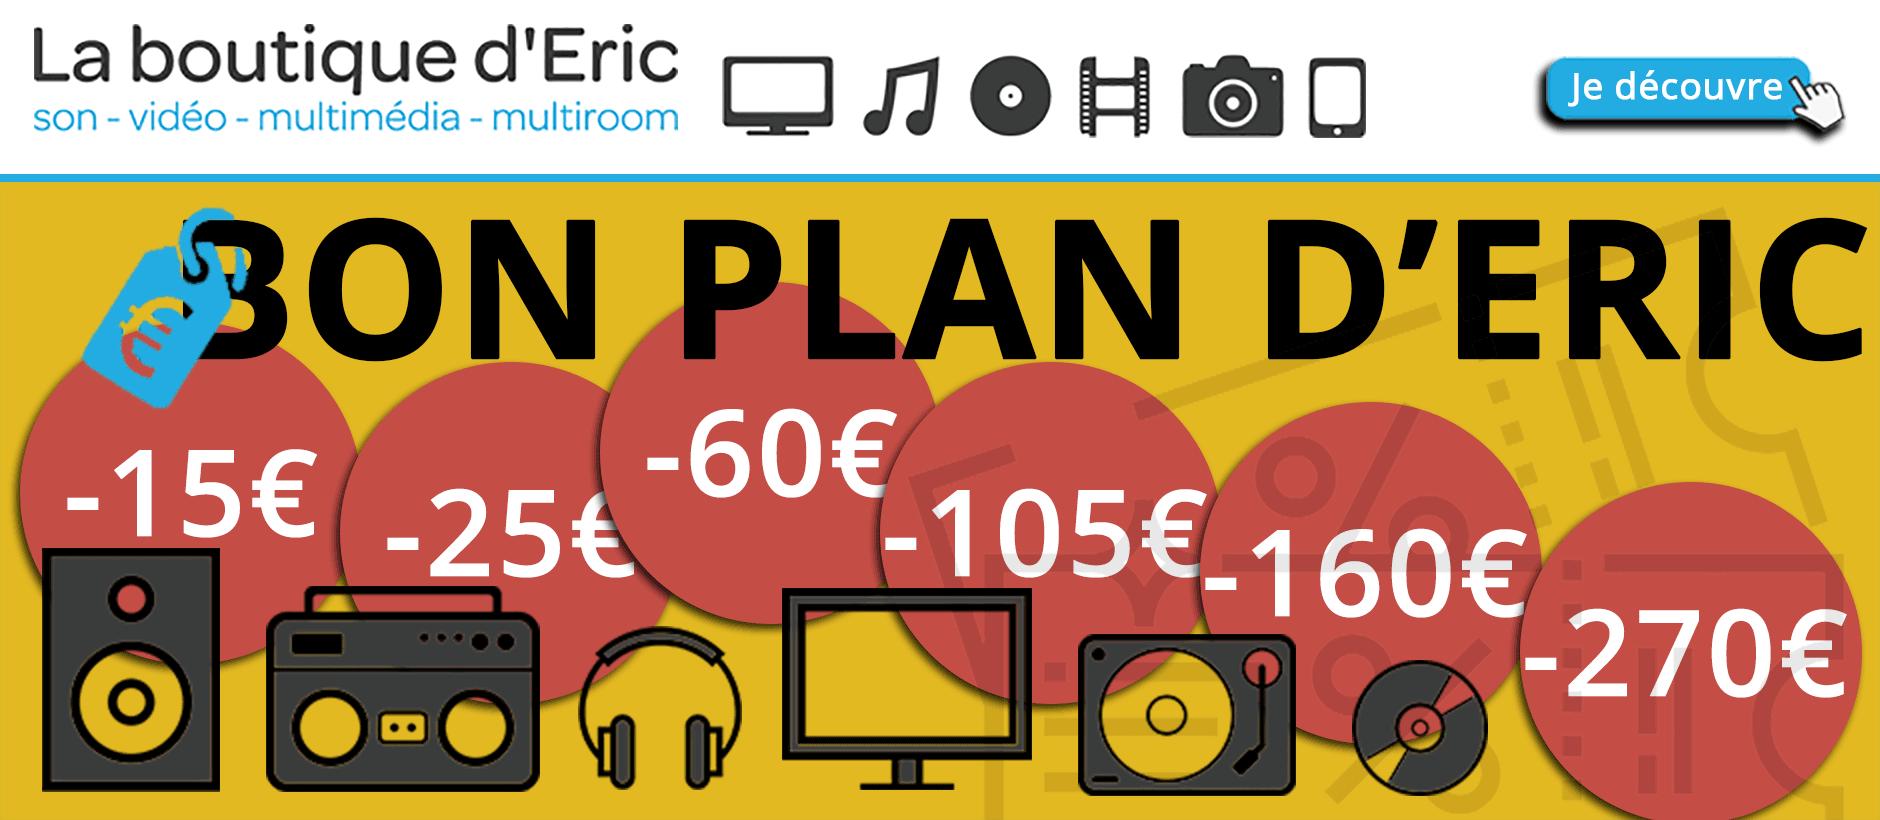 Soldes et promotions en HiFi, audio-vidéo, home cinéma, multimédia et multiroom sur La boutique d'Eric